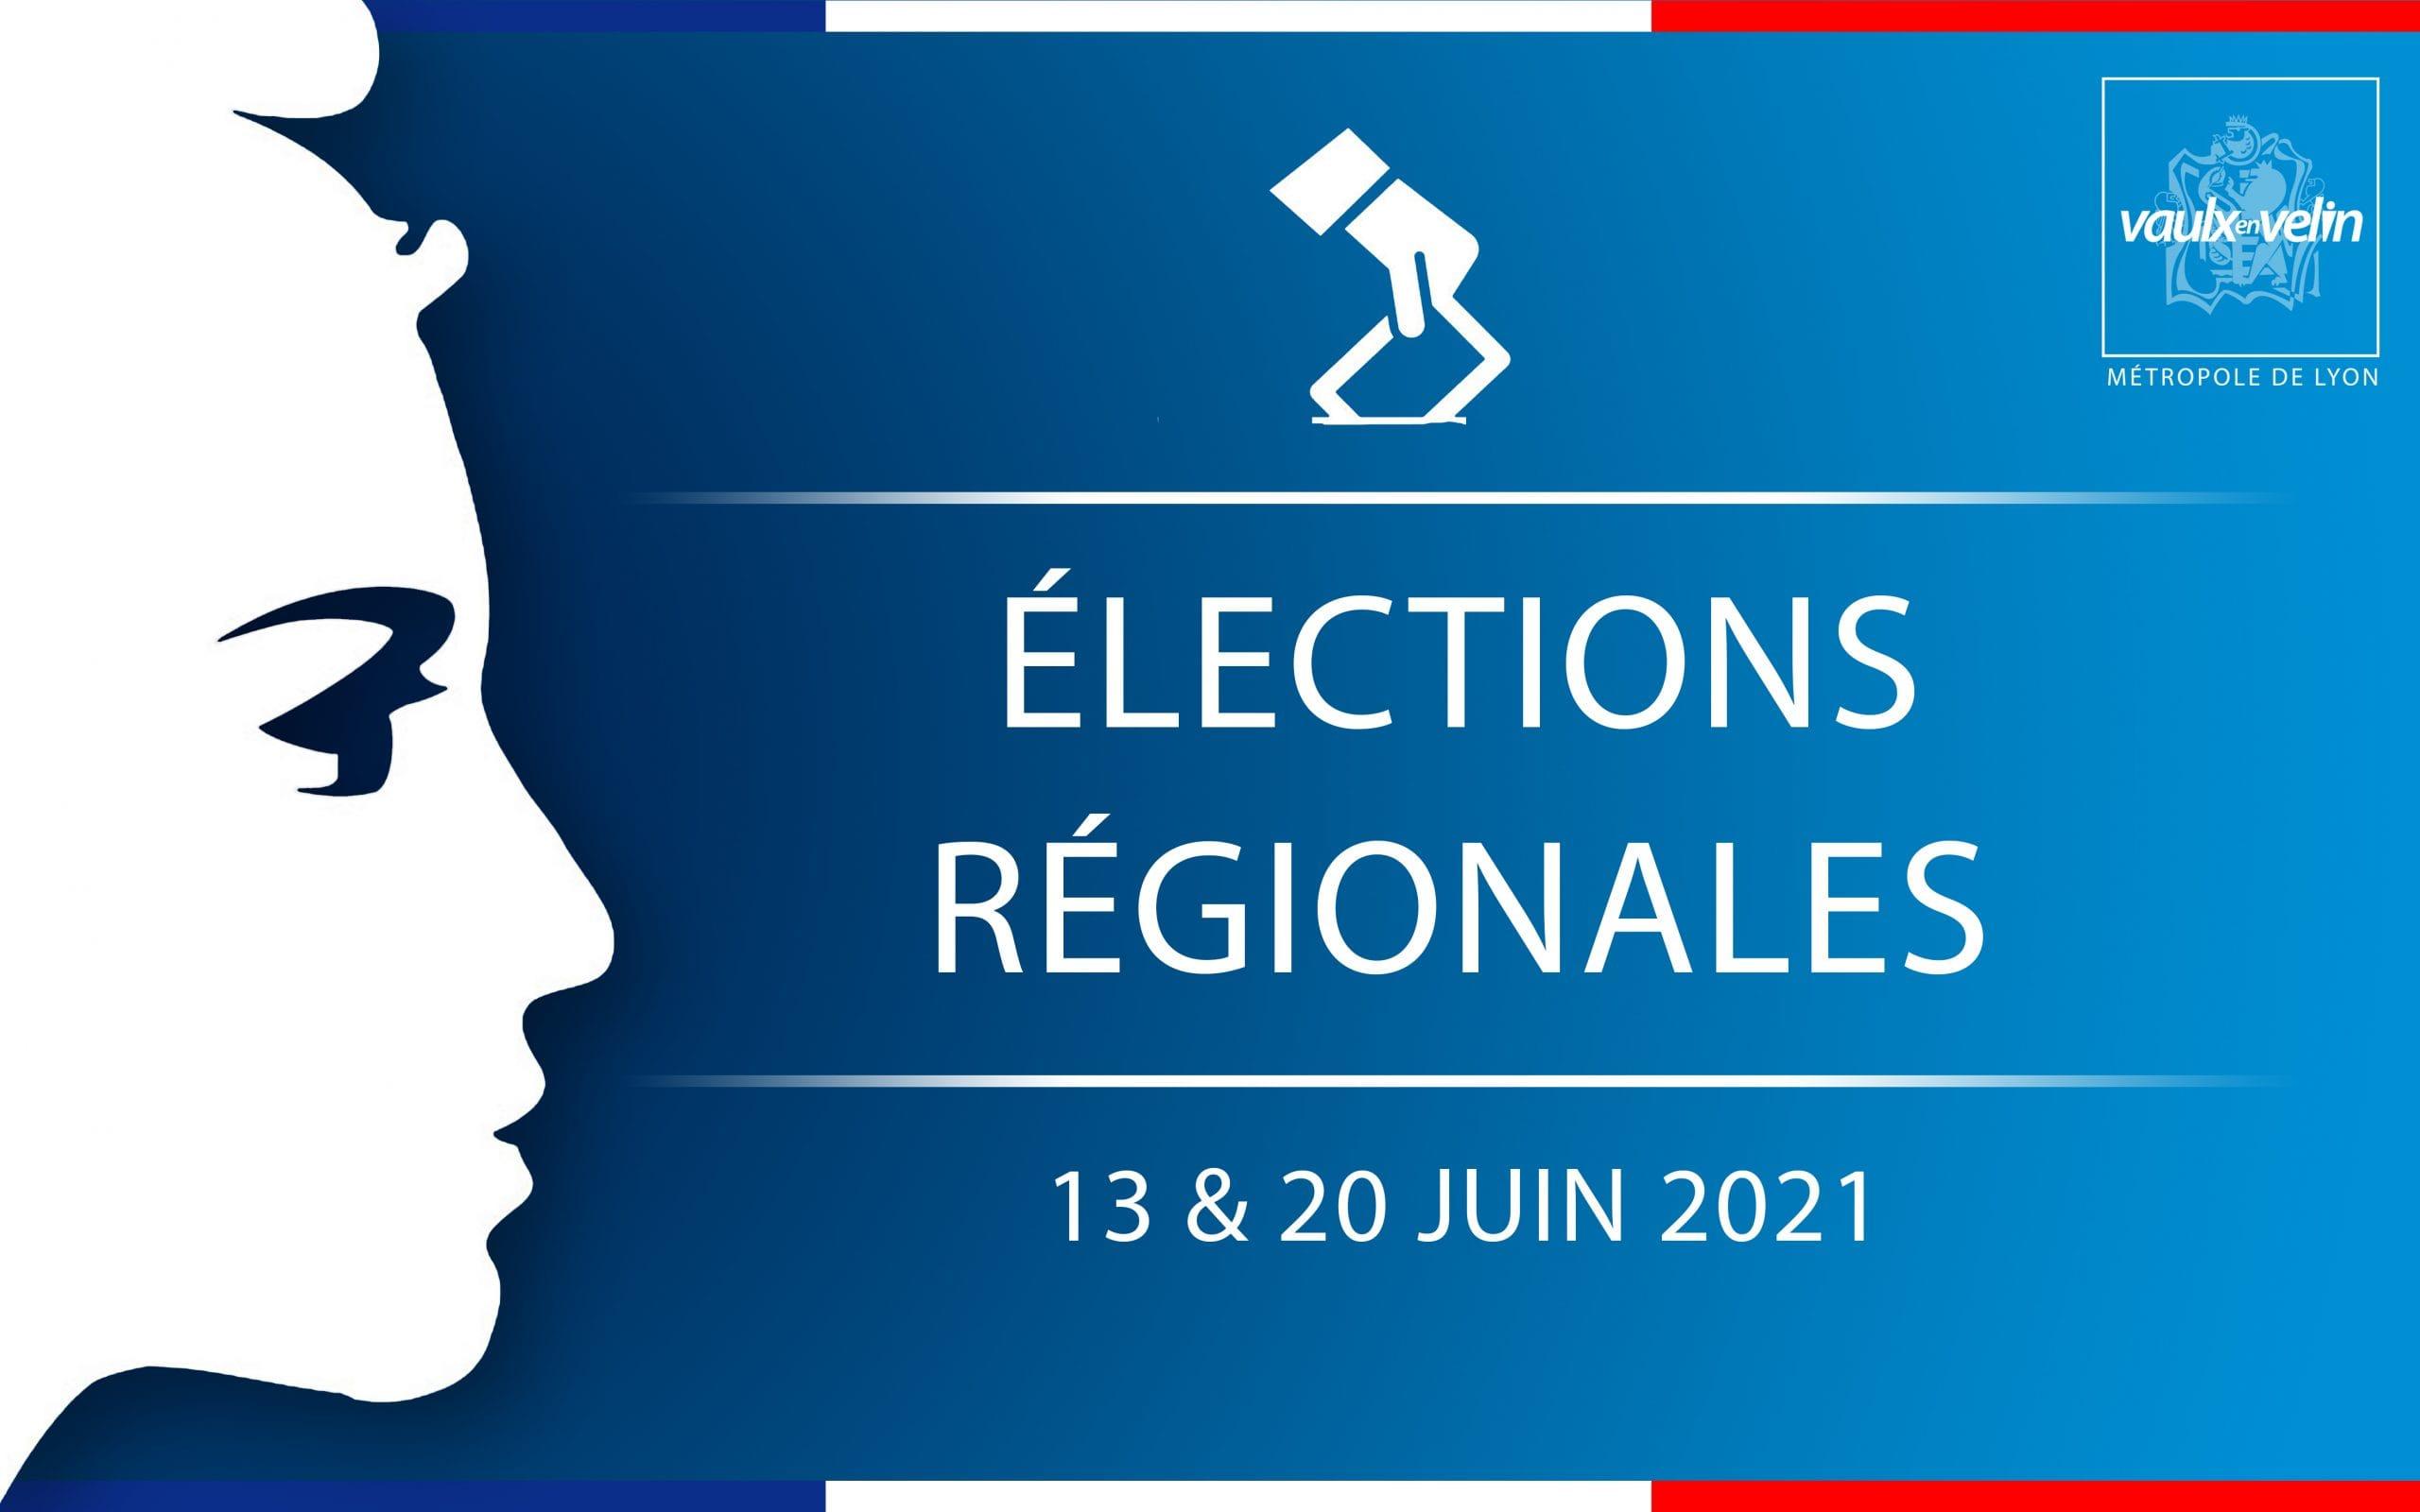 Élections régionales – 13 & 20 juin 2021